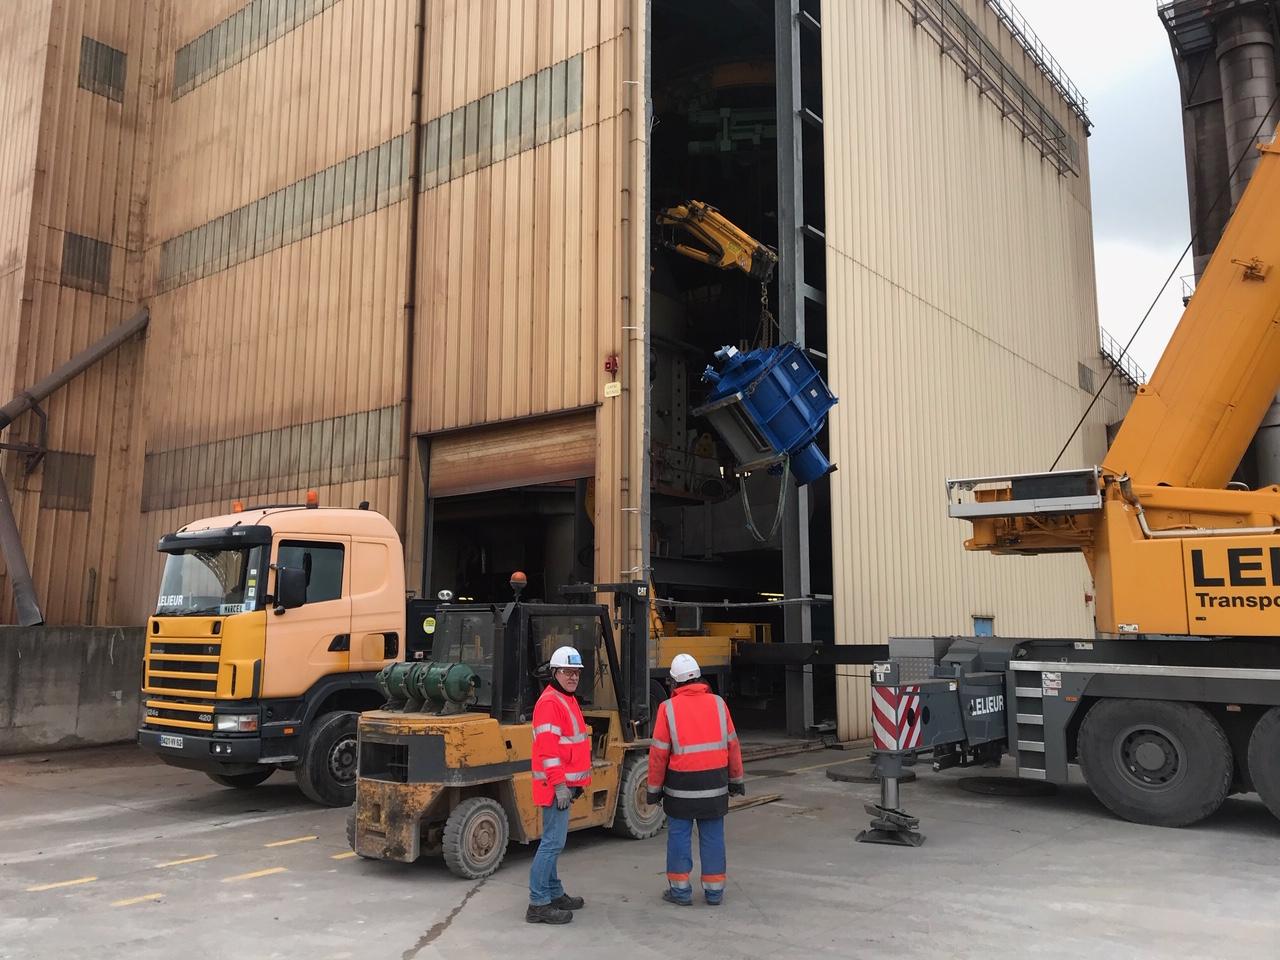 Levage d'un sas et d'un réducteur de 40 tonnes mobilisant les équipes de Guînes et Dunkerque. Manutention industrielle pour une industrie dunkerquoise.